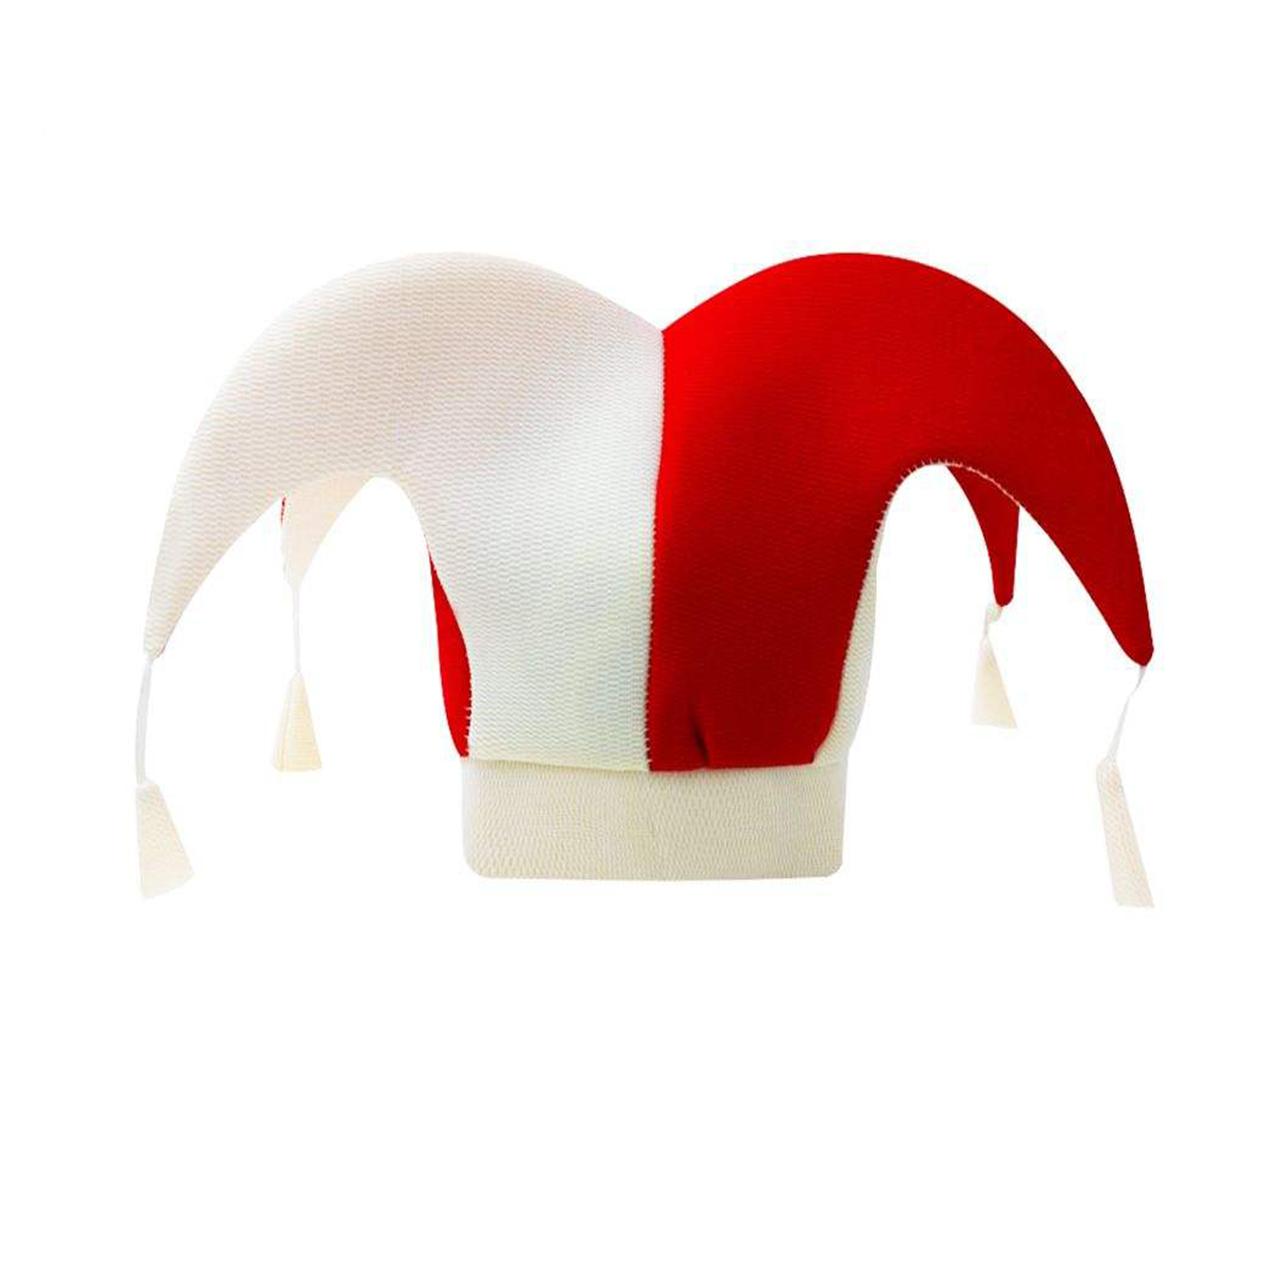 کلاه هواداری مدل Ia-510